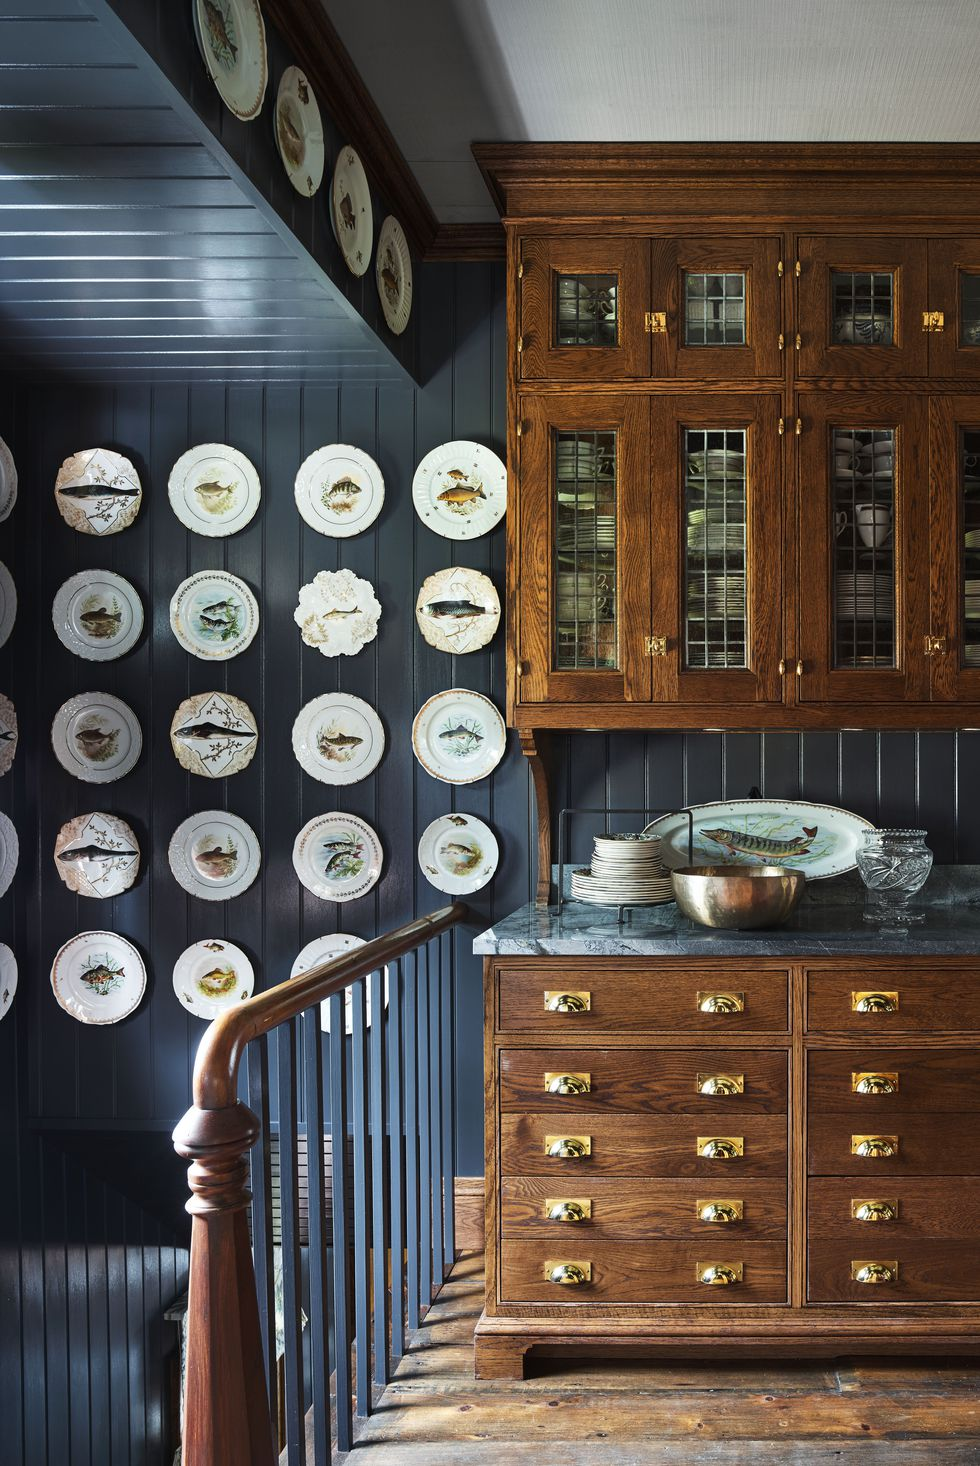 philip-mitchell-kitchen-nova-scotia-veranda-1560270111.jpg